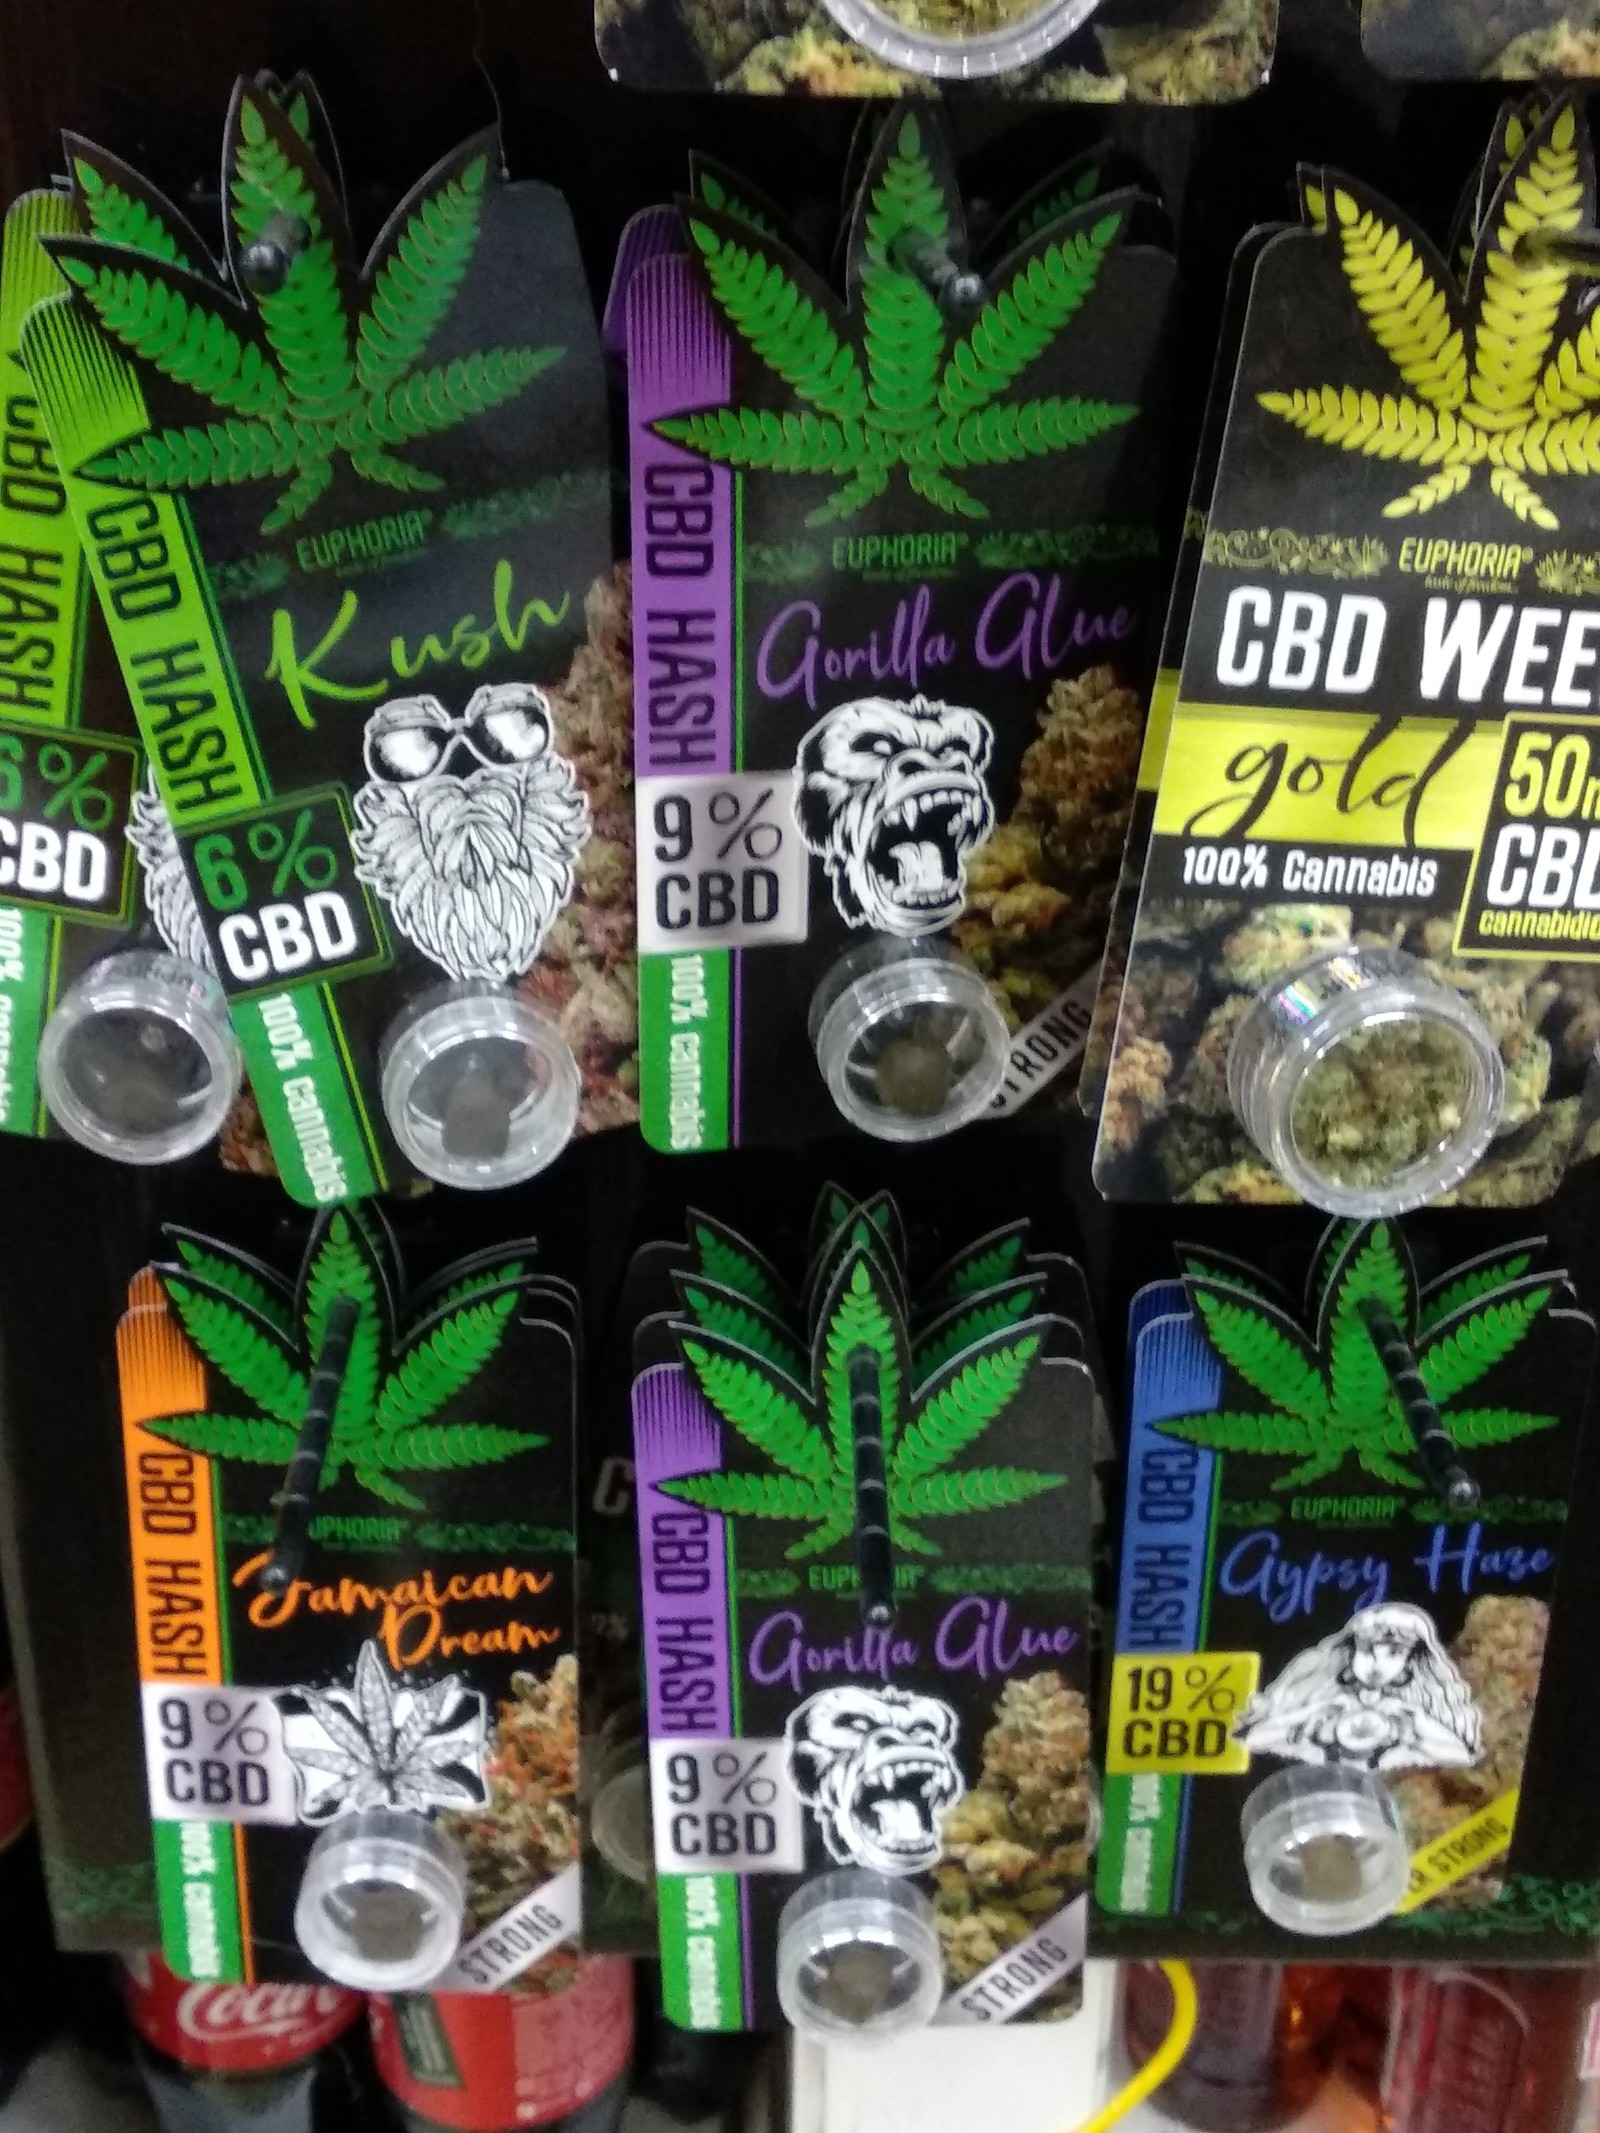 Где в праге можно купить марихуану влияние марихуаны на ребенка